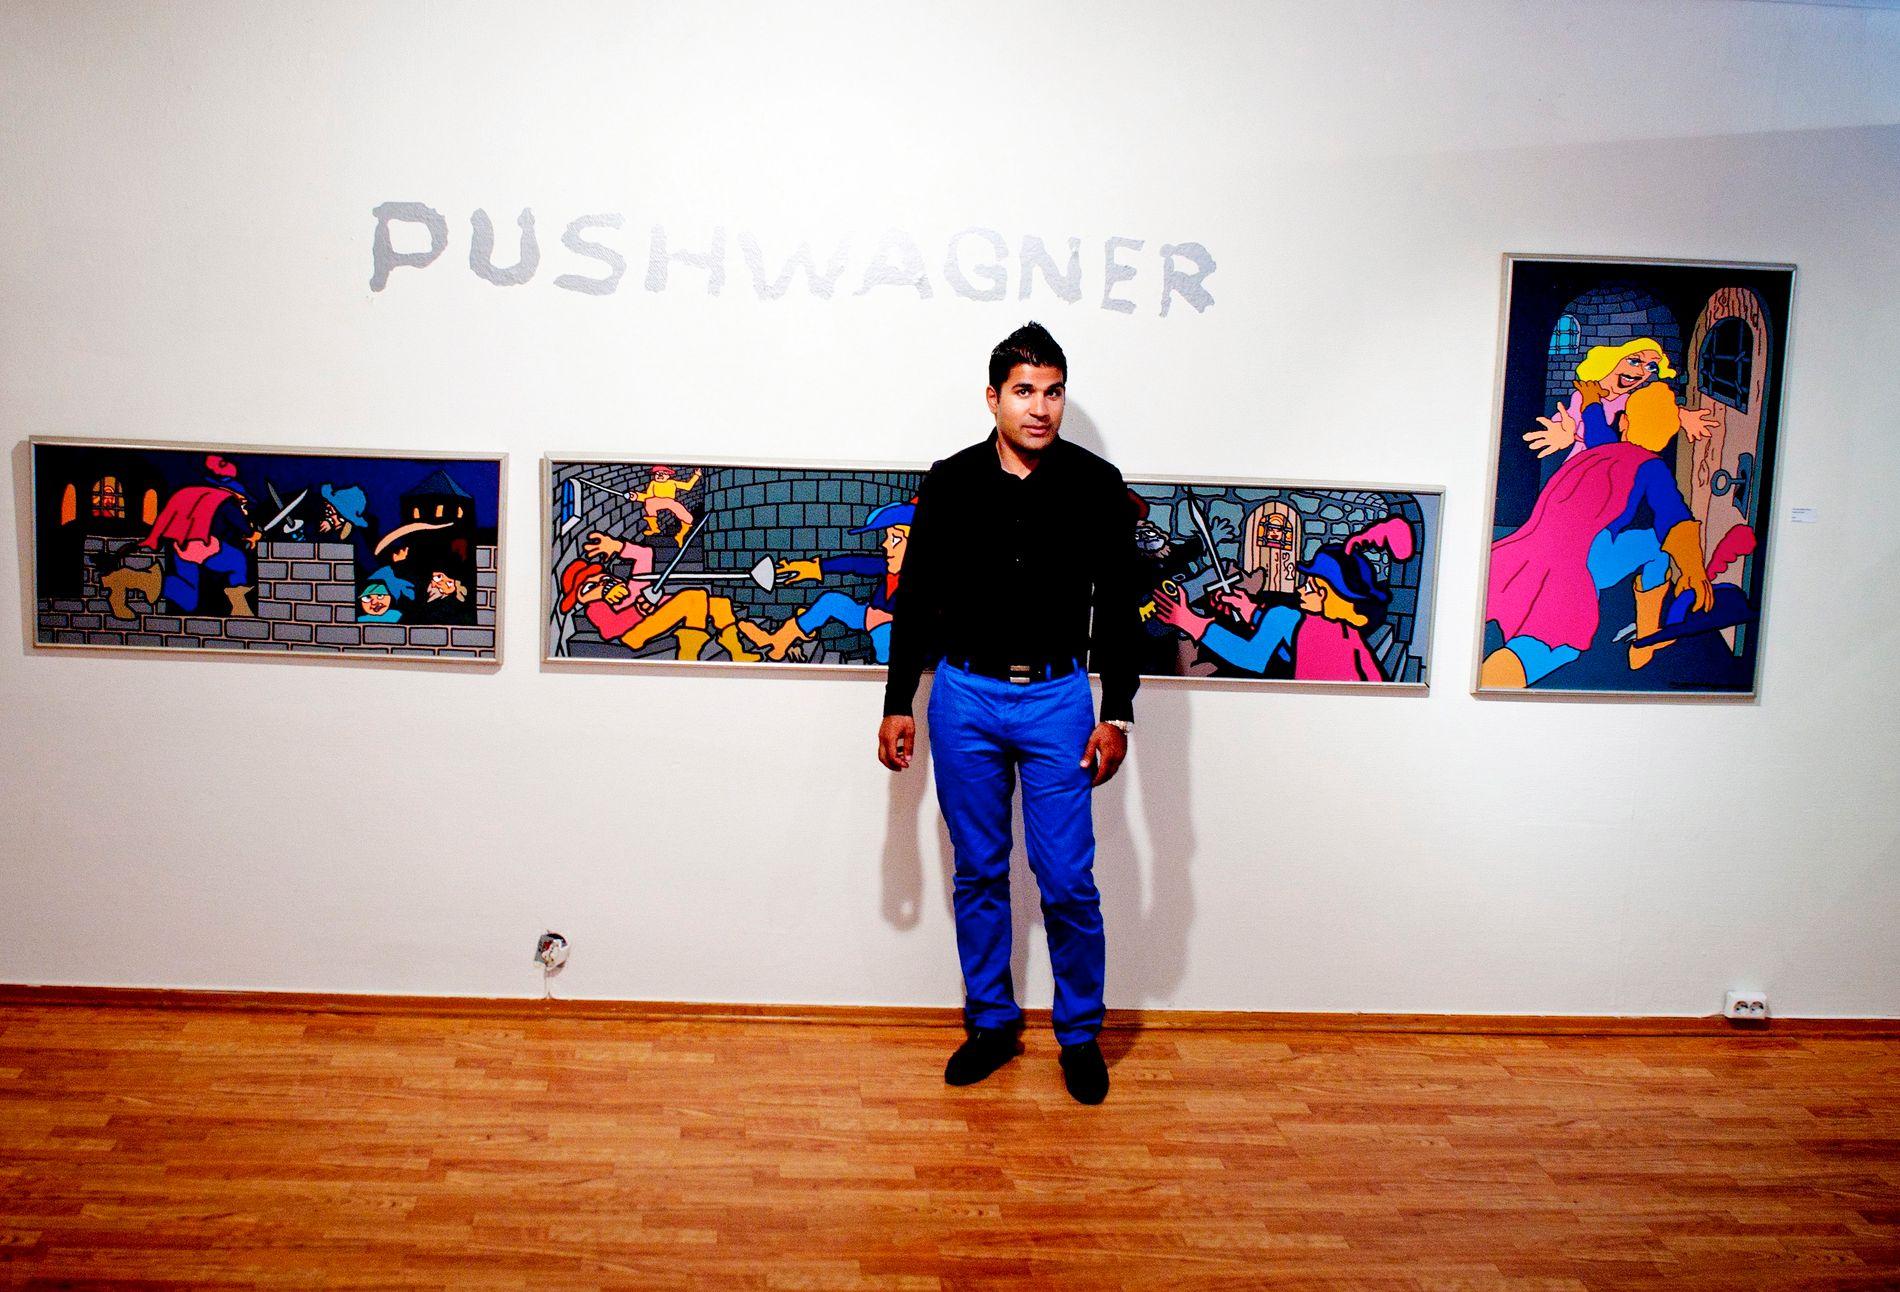 UENIG: Imran Saber (39) har i en årrekke vært en nær venn av Nokas-hovedmannen David Toska og er kjent for å formidle kunst og utstede privatlån med skyhøye renter. Her er han avbildet i galleriet til Pushwagner i 2010.